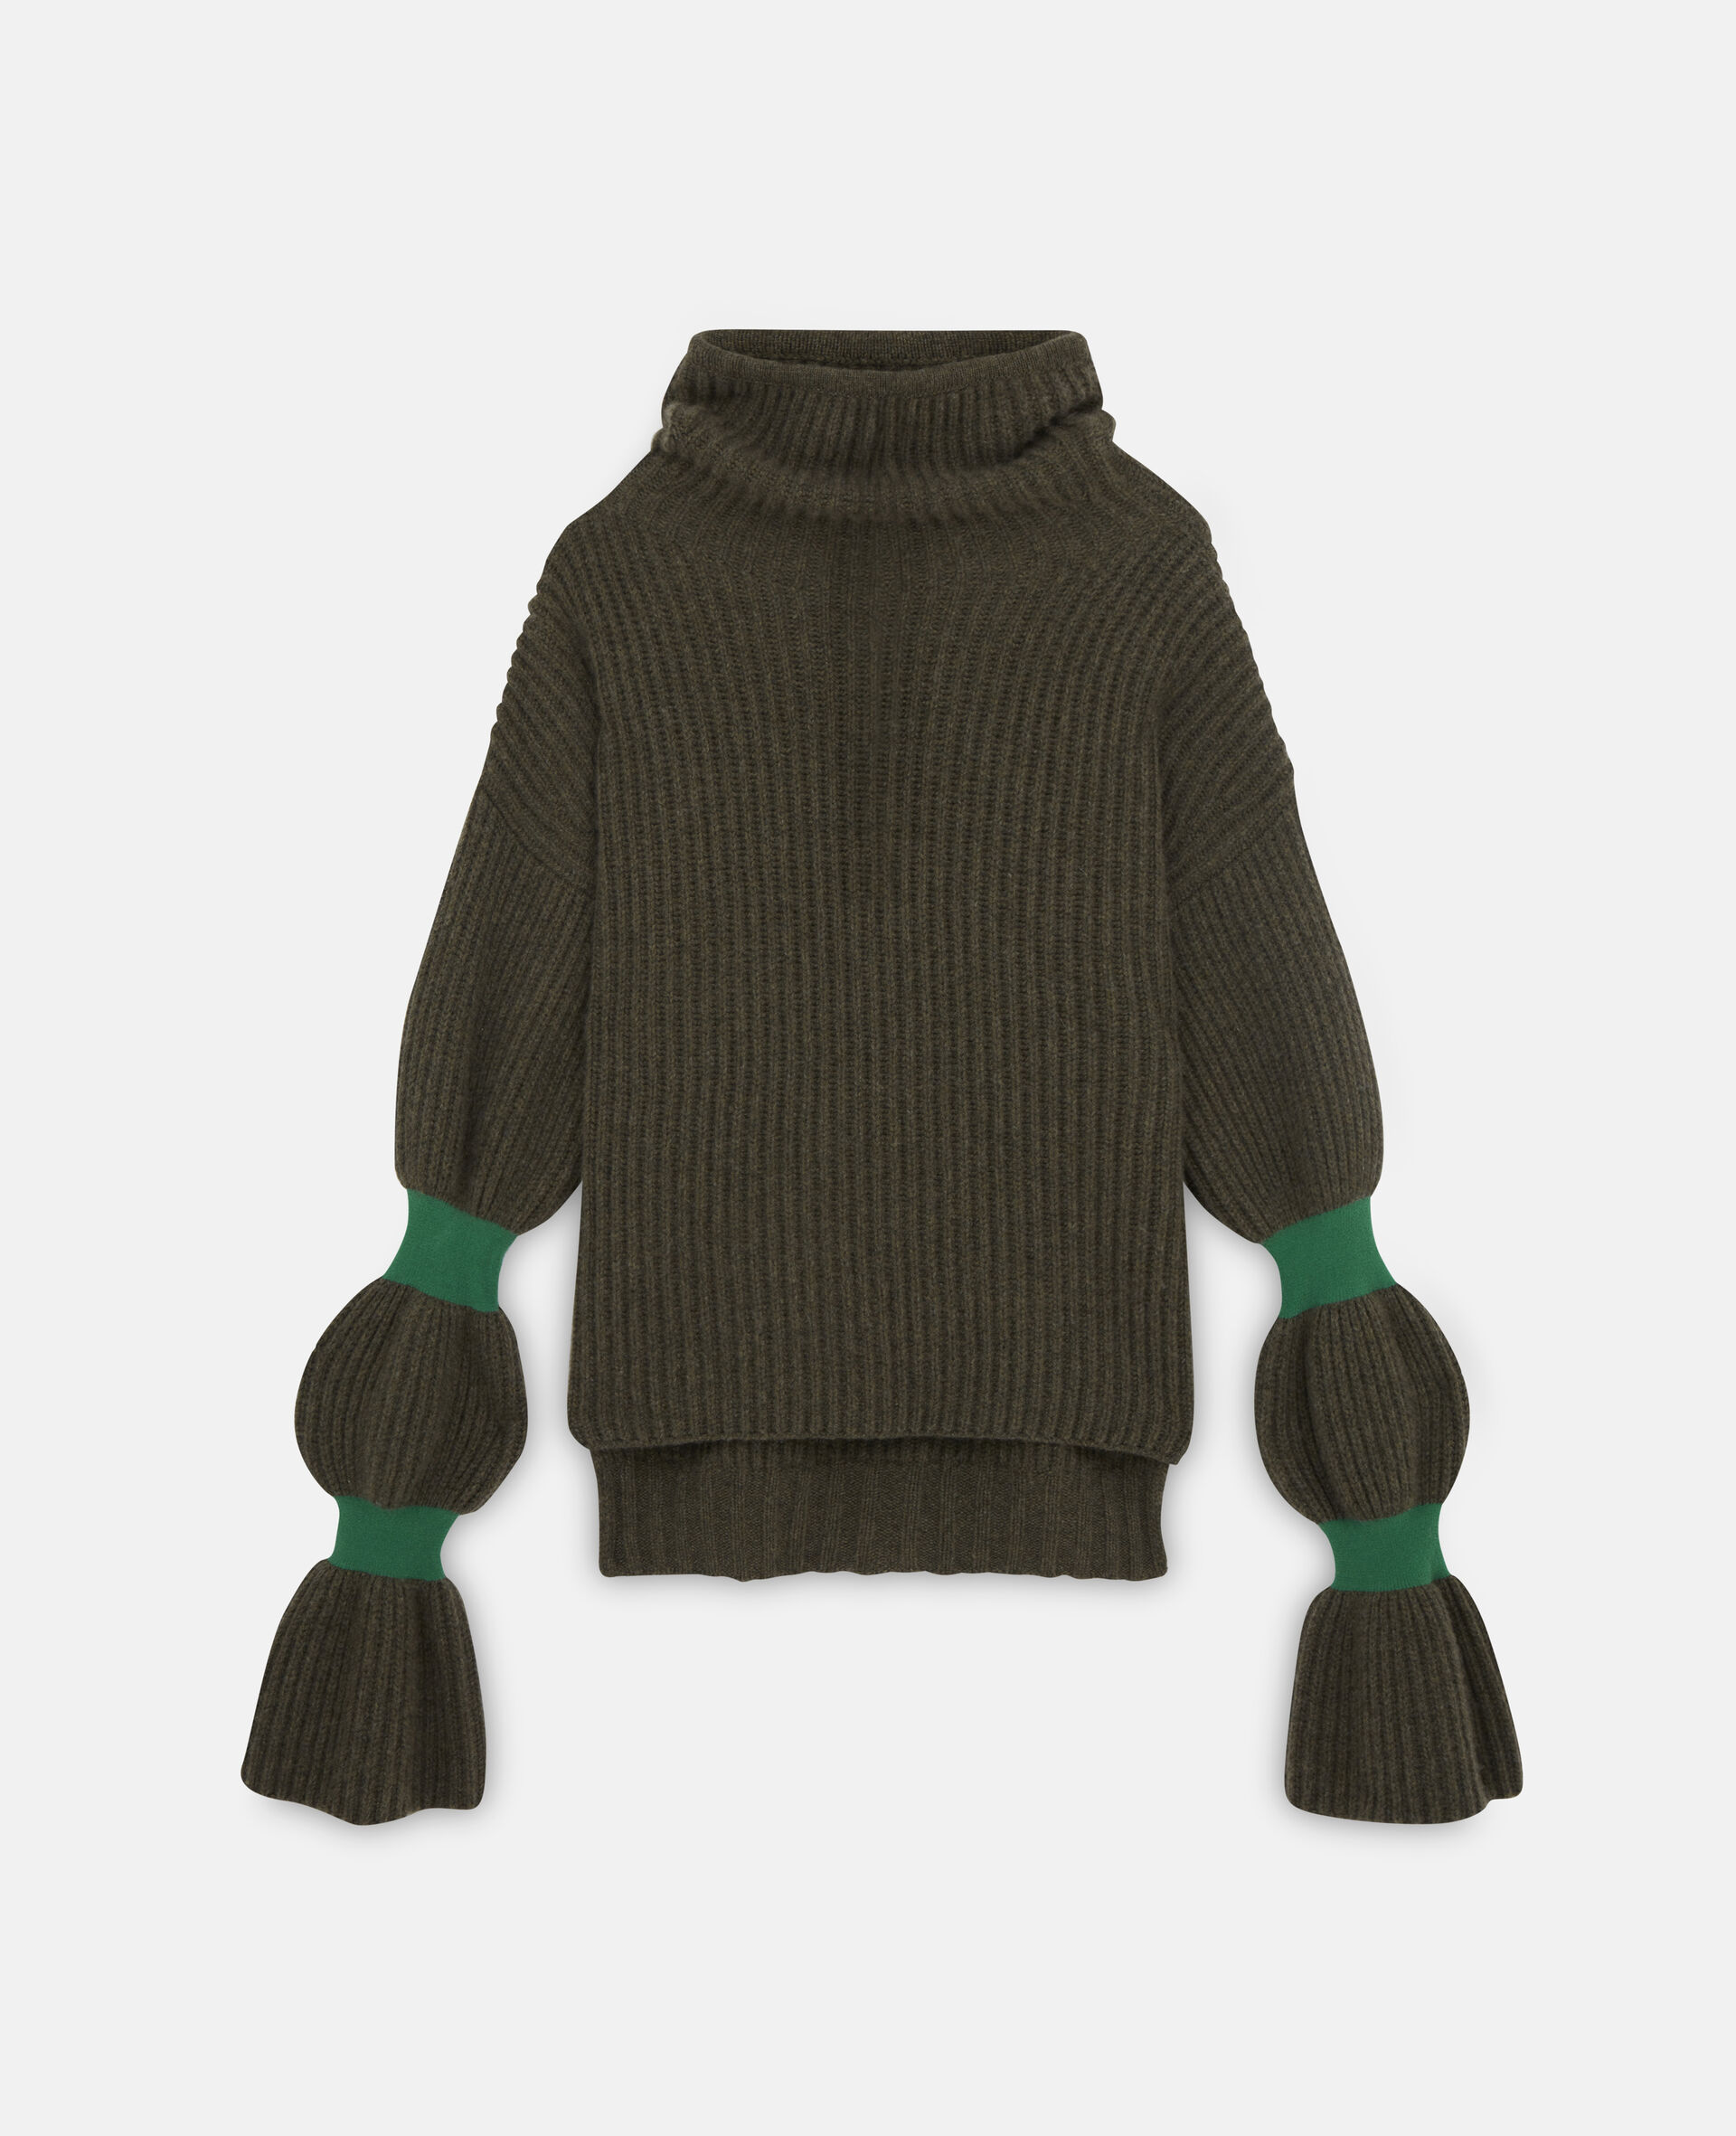 Weicher, voluminöser Pullover-Grün-large image number 0